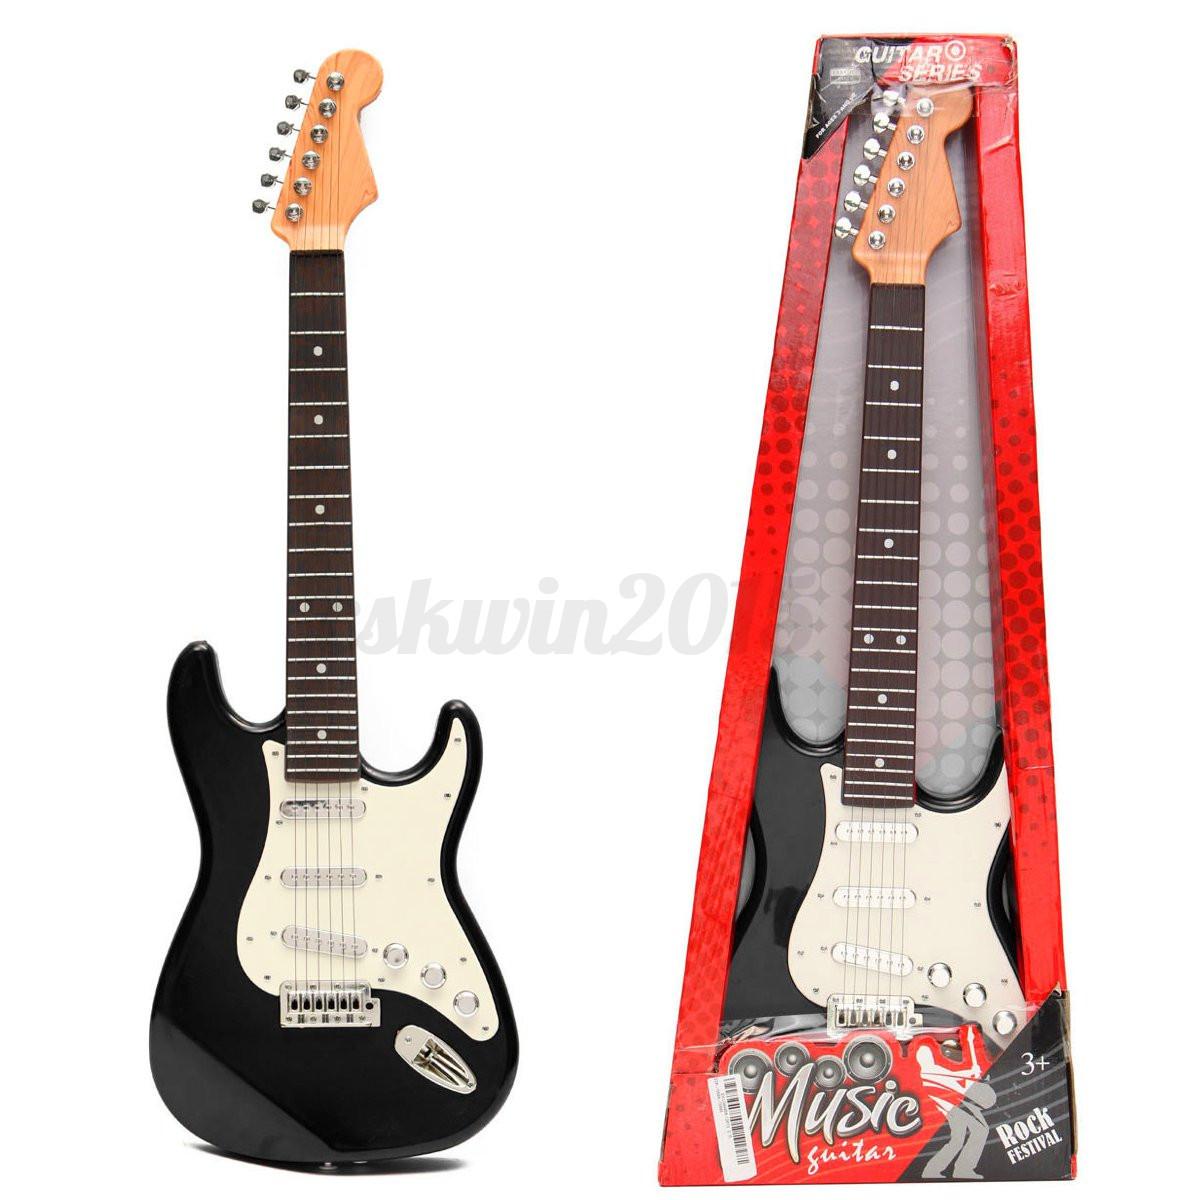 electric 6 string guitar musical instrument gift toys for kid children black red ebay. Black Bedroom Furniture Sets. Home Design Ideas